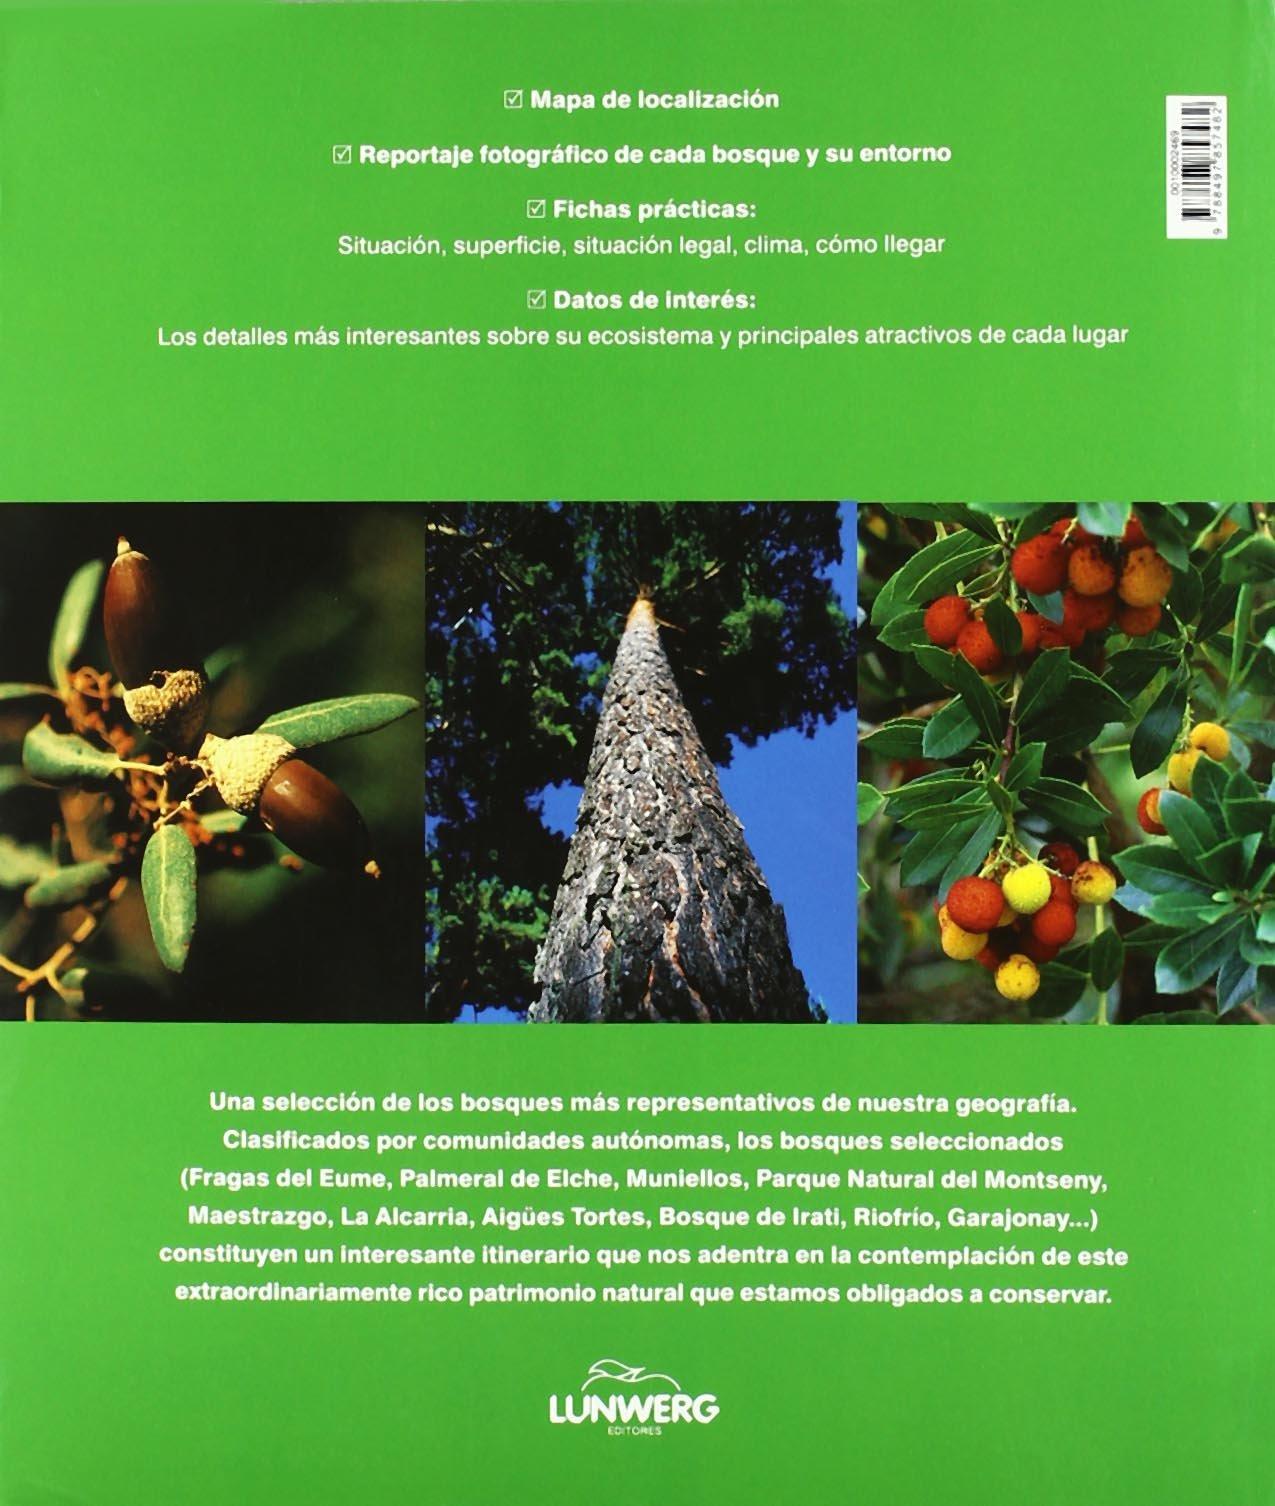 Bosques de España. Lunwerg Medium: Amazon.es: Araújo, Joaquín: Libros